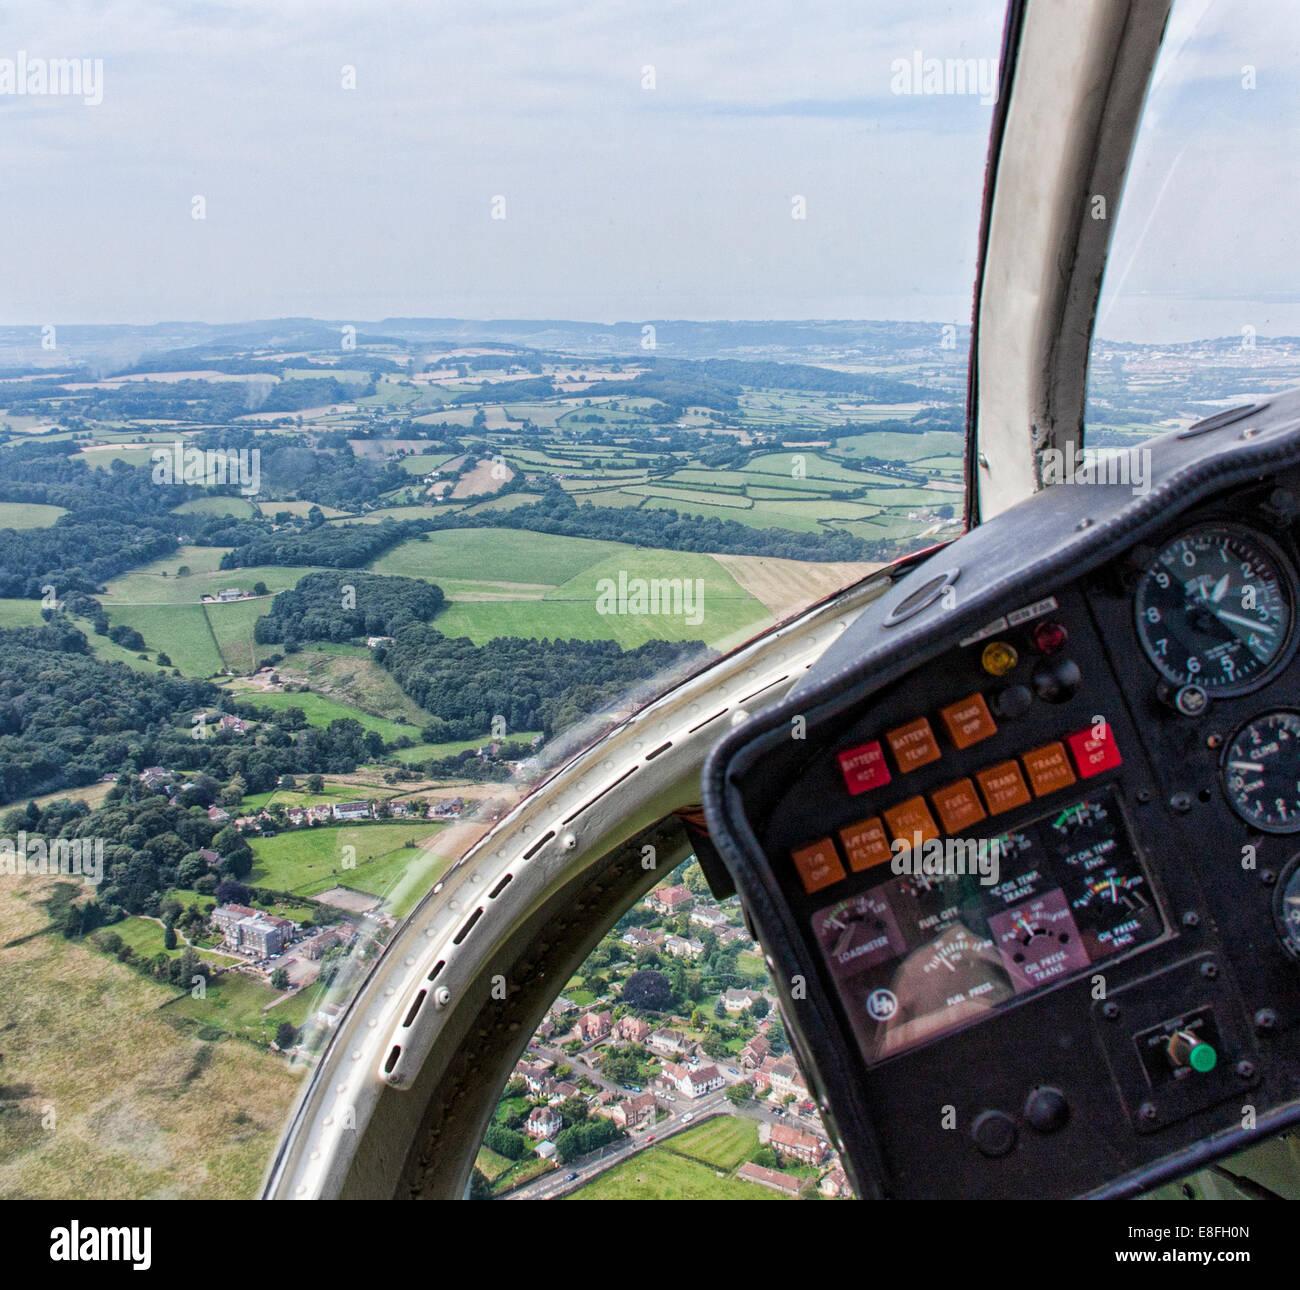 Paysage rural de l'intérieur d'un hélicoptère, England, UK Photo Stock